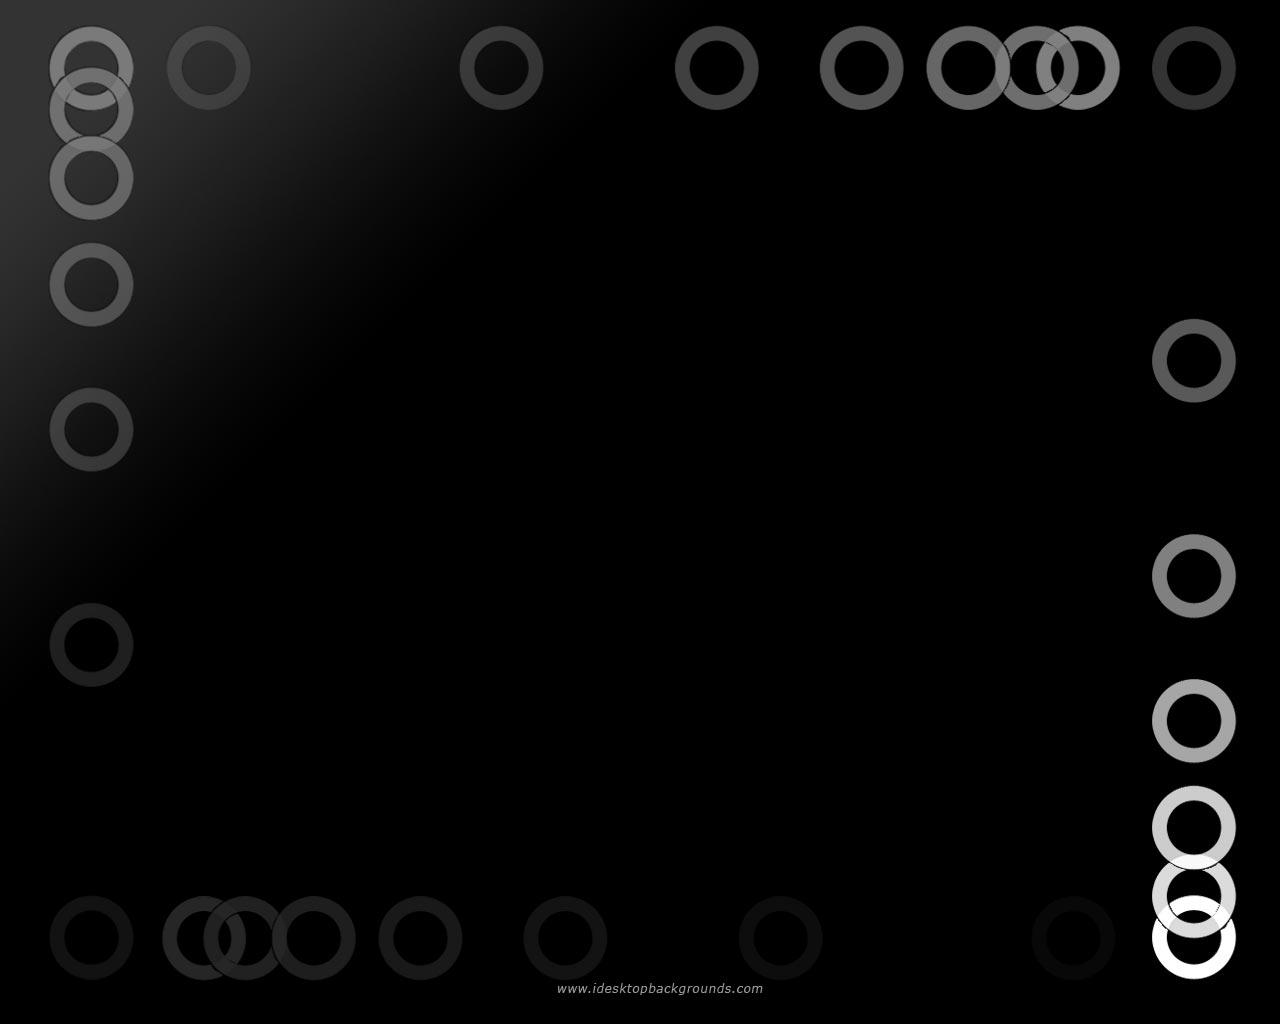 http://3.bp.blogspot.com/-B7kX2t4ZRy8/TnmSB6gTs5I/AAAAAAAAB4o/pwC670FFXJE/s1600/black-background1.jpg